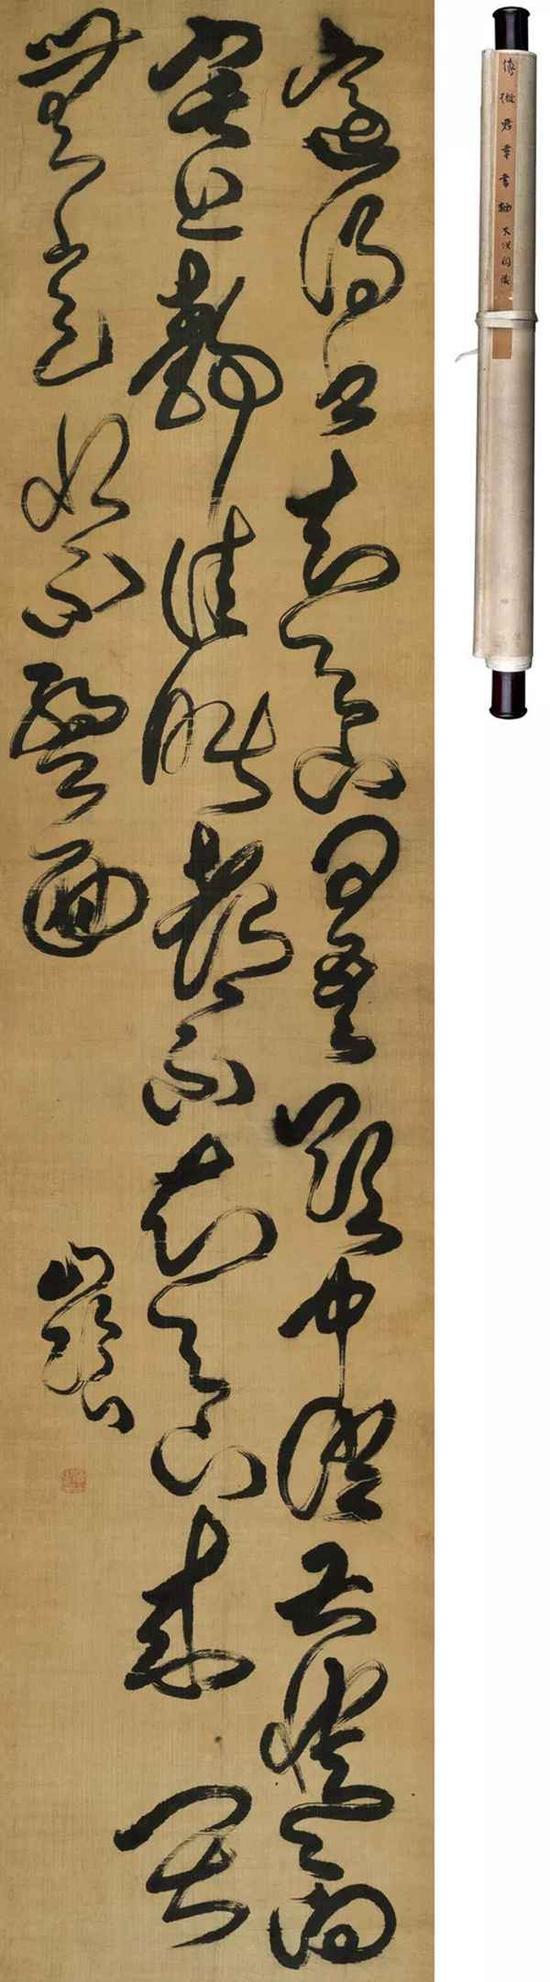 傅山 书法   立轴 水墨纸本   206×45cm   成交价:RMB 2,645,000